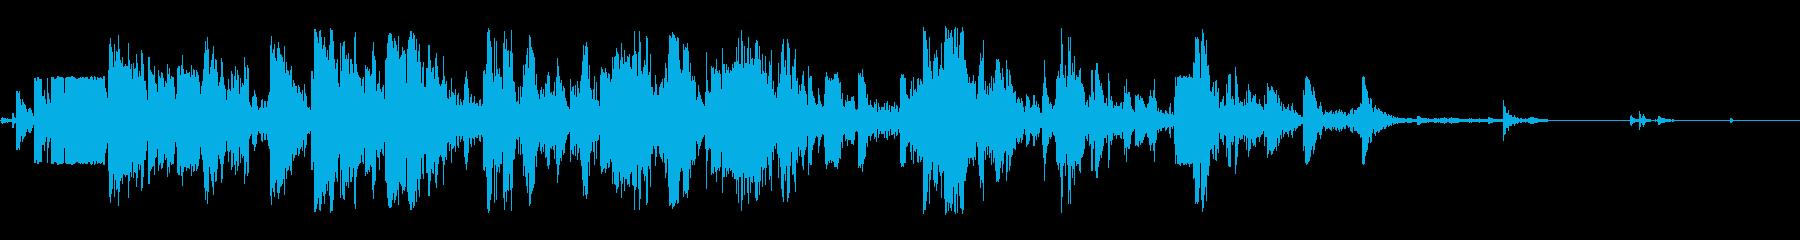 ミディアムウッドクラッシュまたはコ...の再生済みの波形